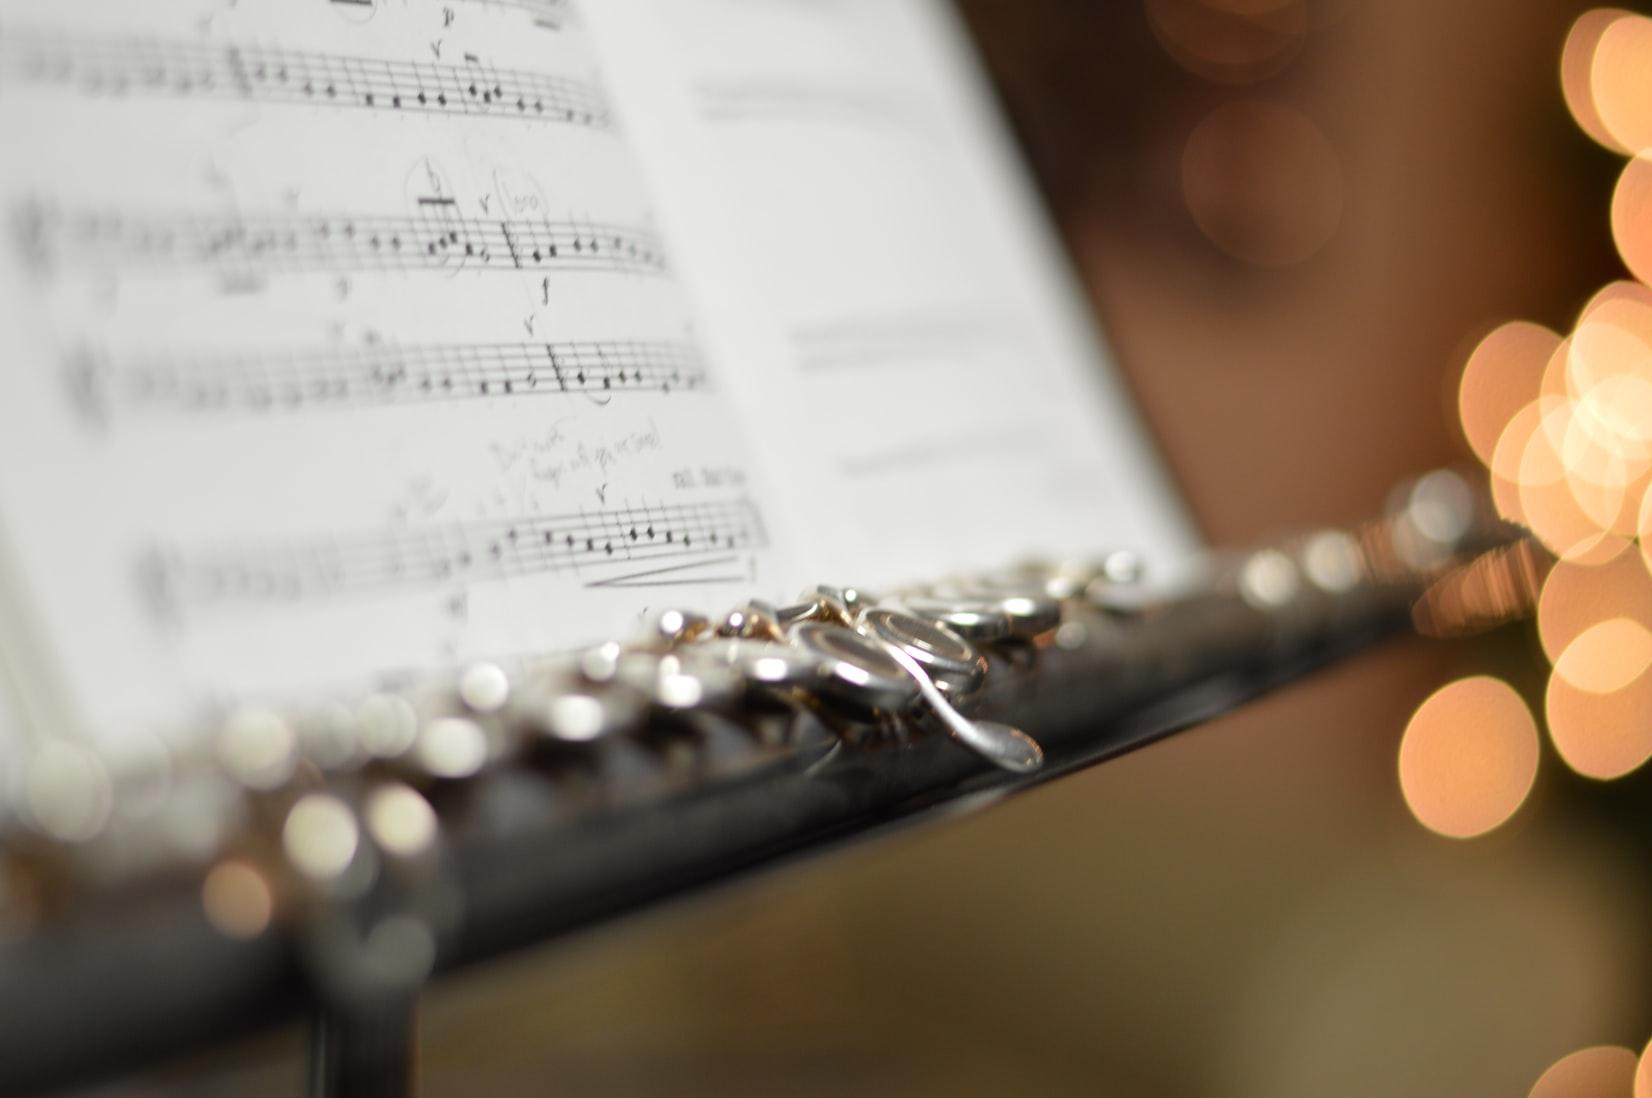 Apprendre à repérer les notes sur une portée musique